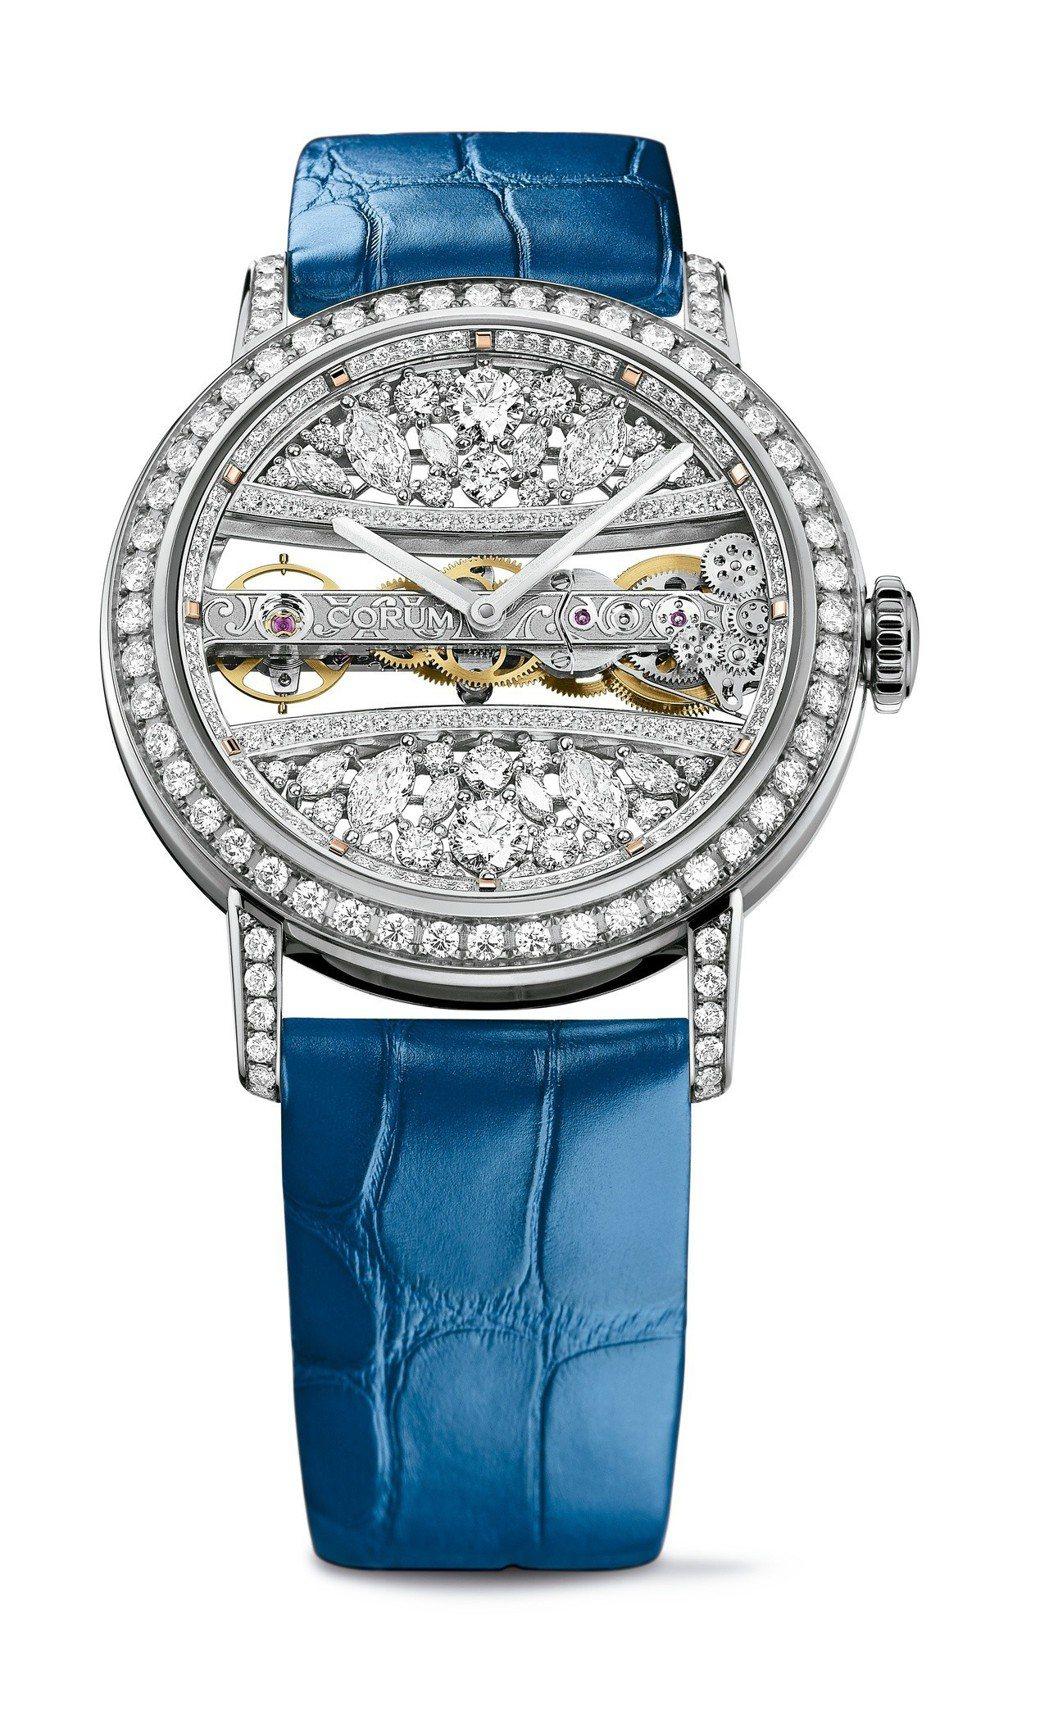 崑崙39毫米金橋圓型腕表,18K白金表殼,鑲嵌6.41克拉鑽石,約376萬8,0...